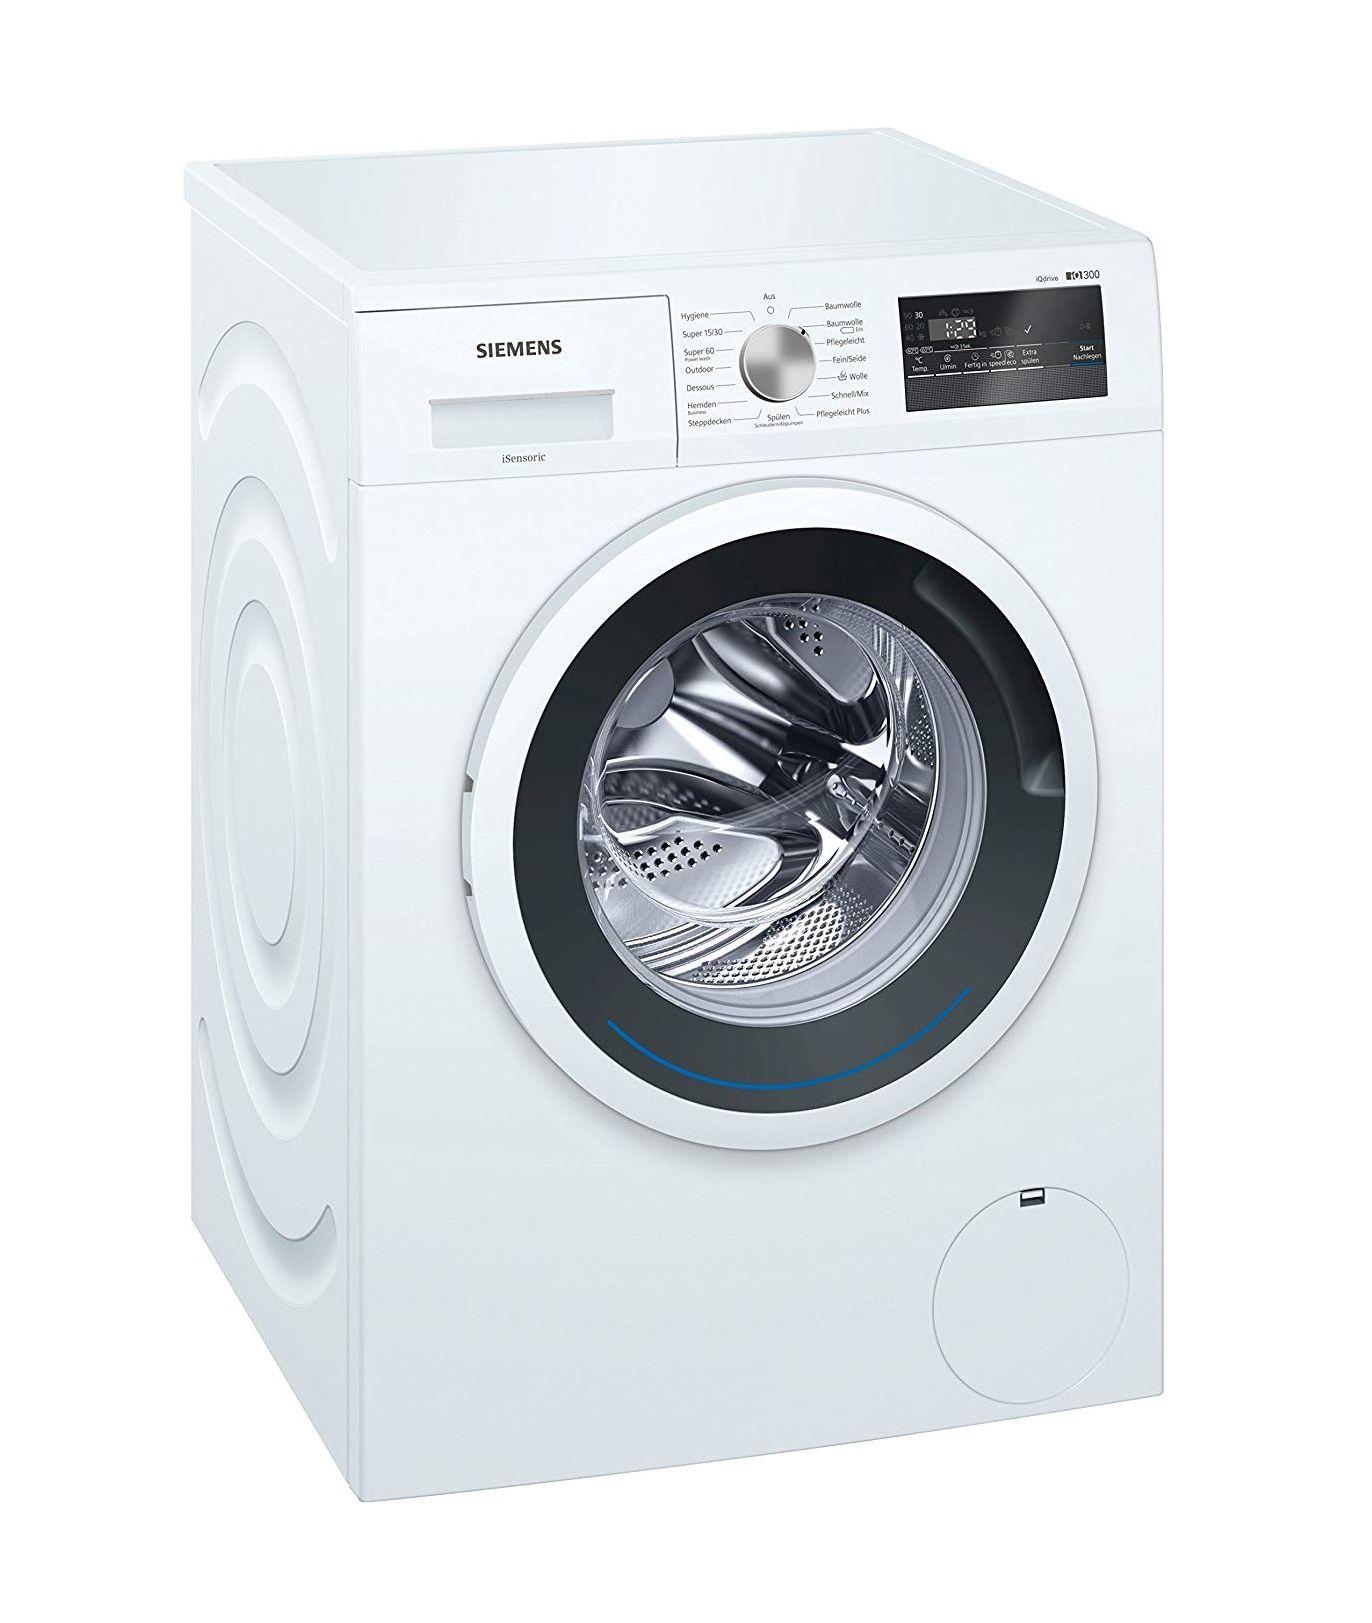 SIEMENS Waschmaschine WM14N121 (Marktkauf) (LOKAL)